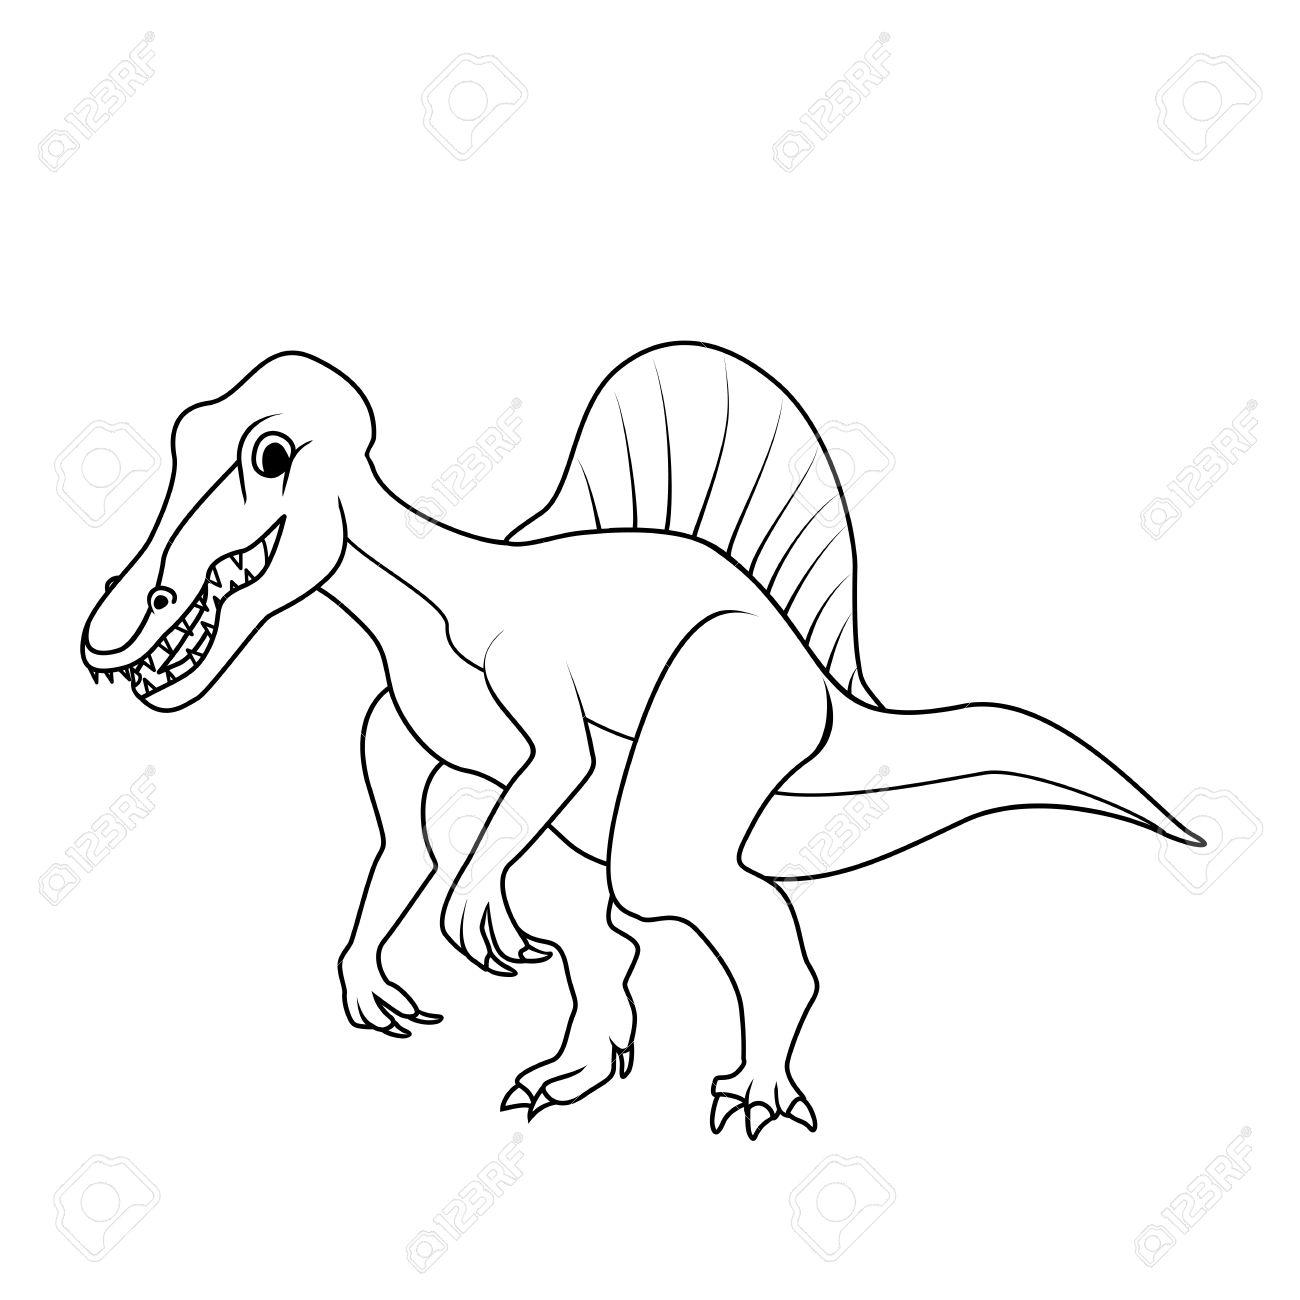 Coloring Book Spinosaurus Dinosaur Royalty Free Cliparts Vectors